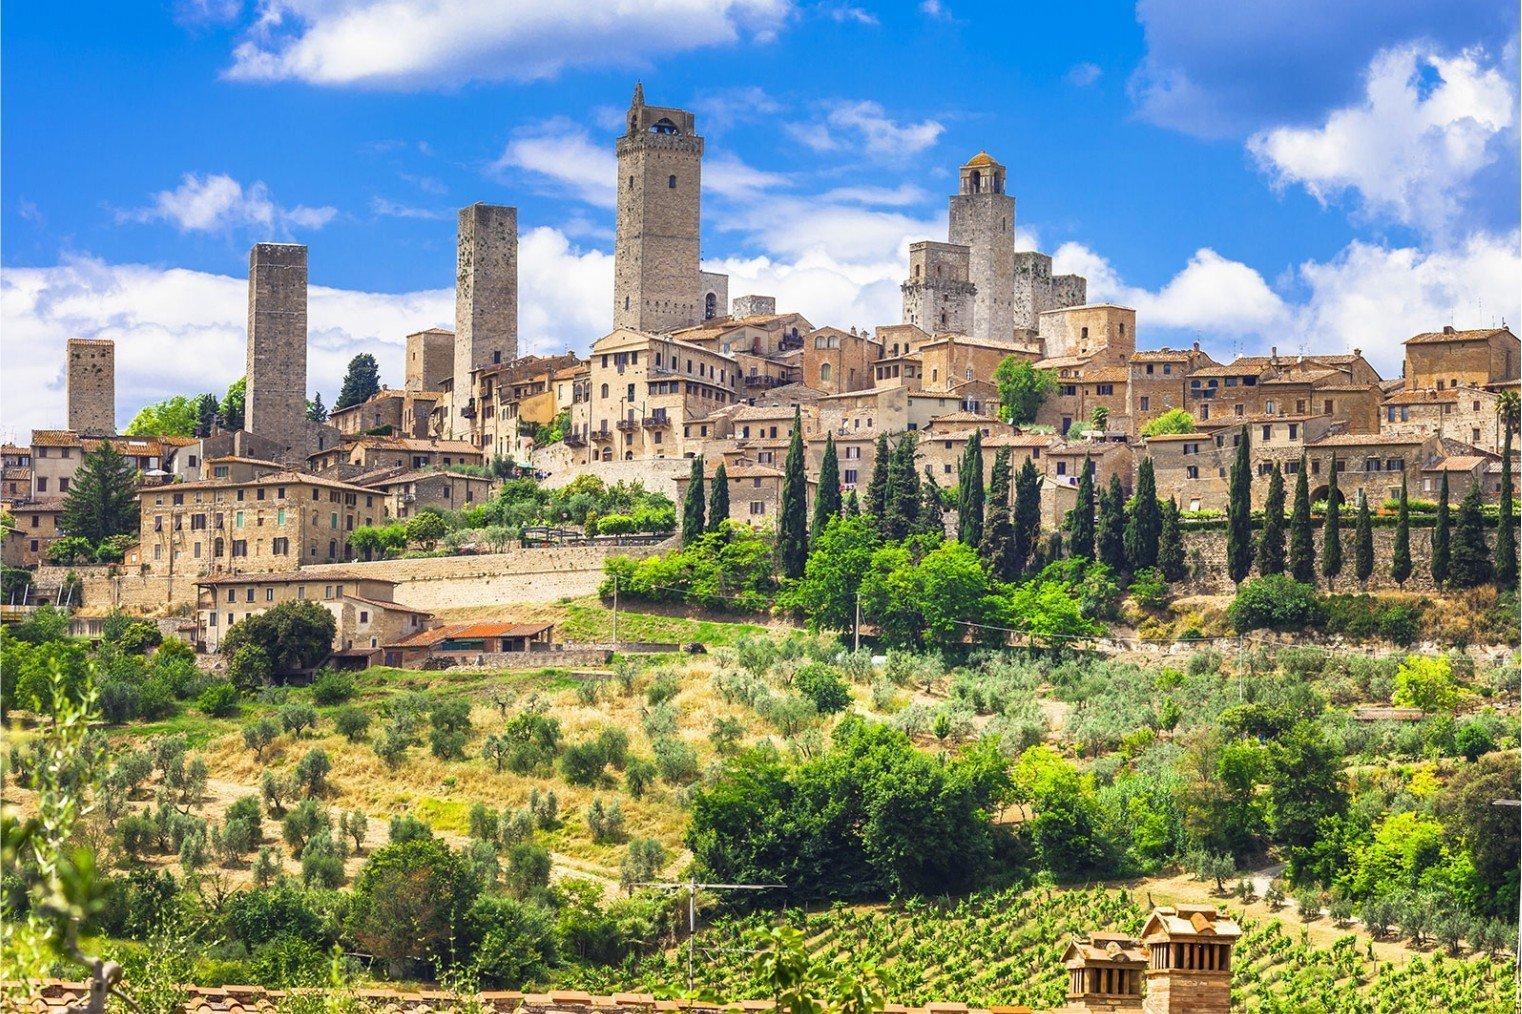 Сан-Джиминьяно, Италия. San Gimignano, Italy